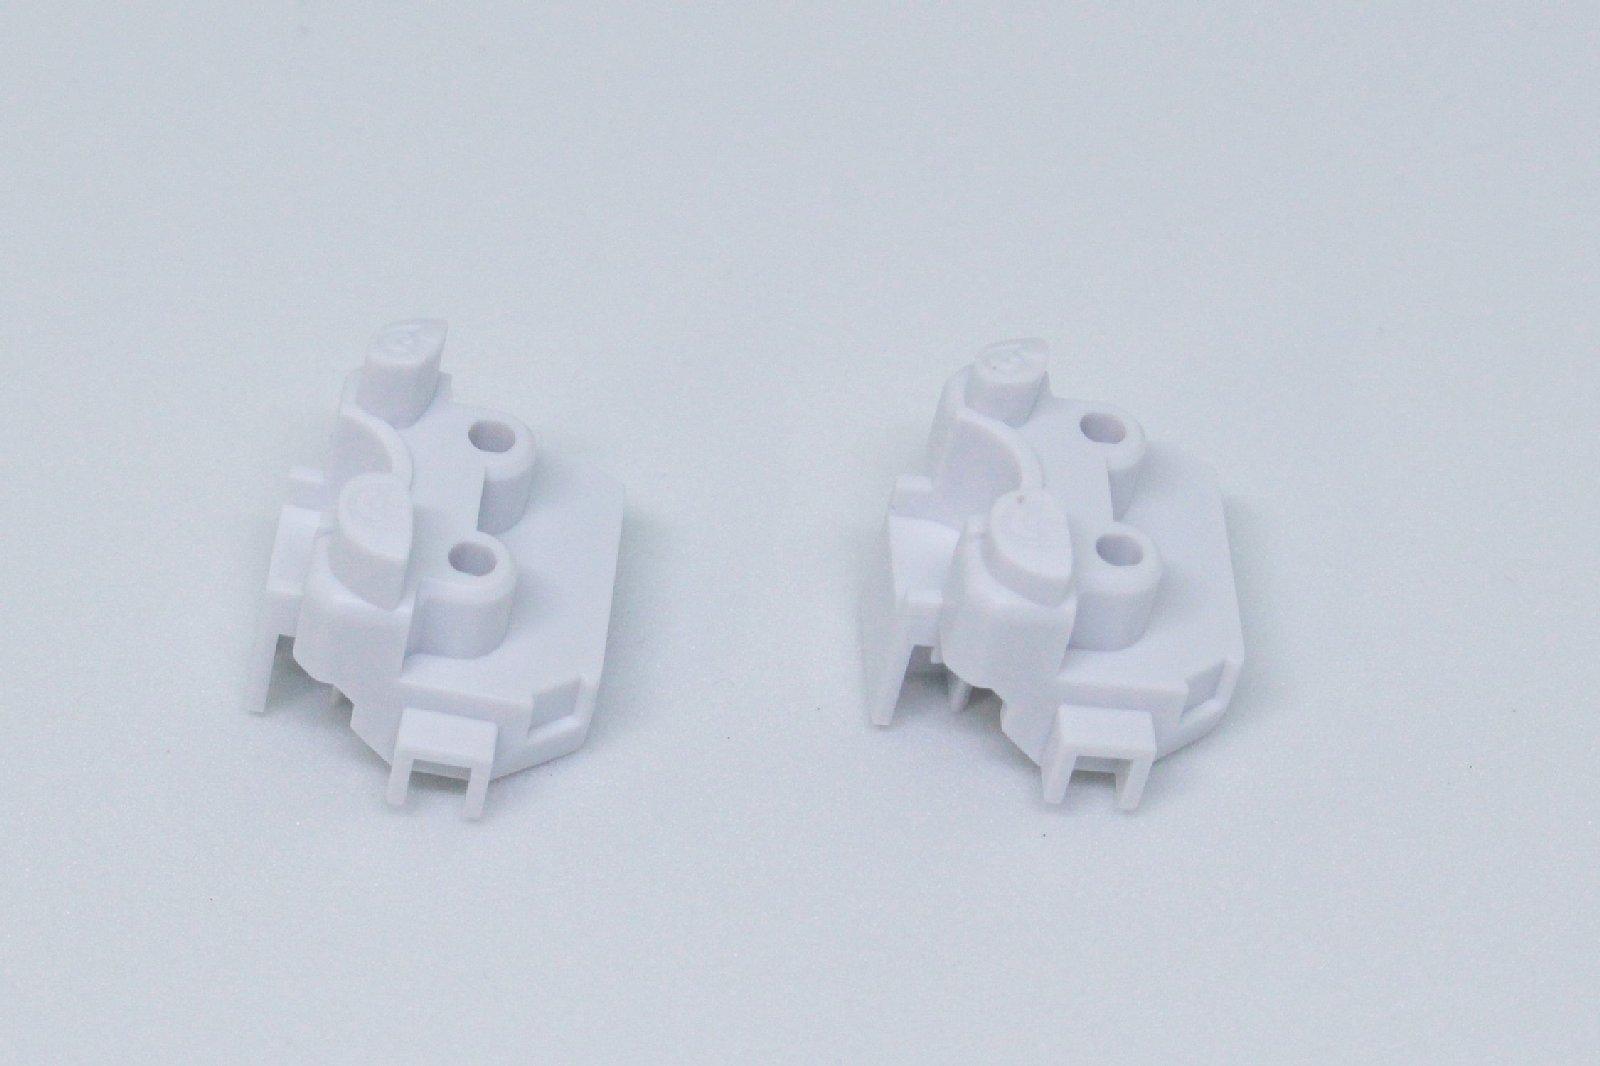 瞳のパーツは長いもの(左)と短いもの(右)がある。クリアパーツを使う場合は右を使う